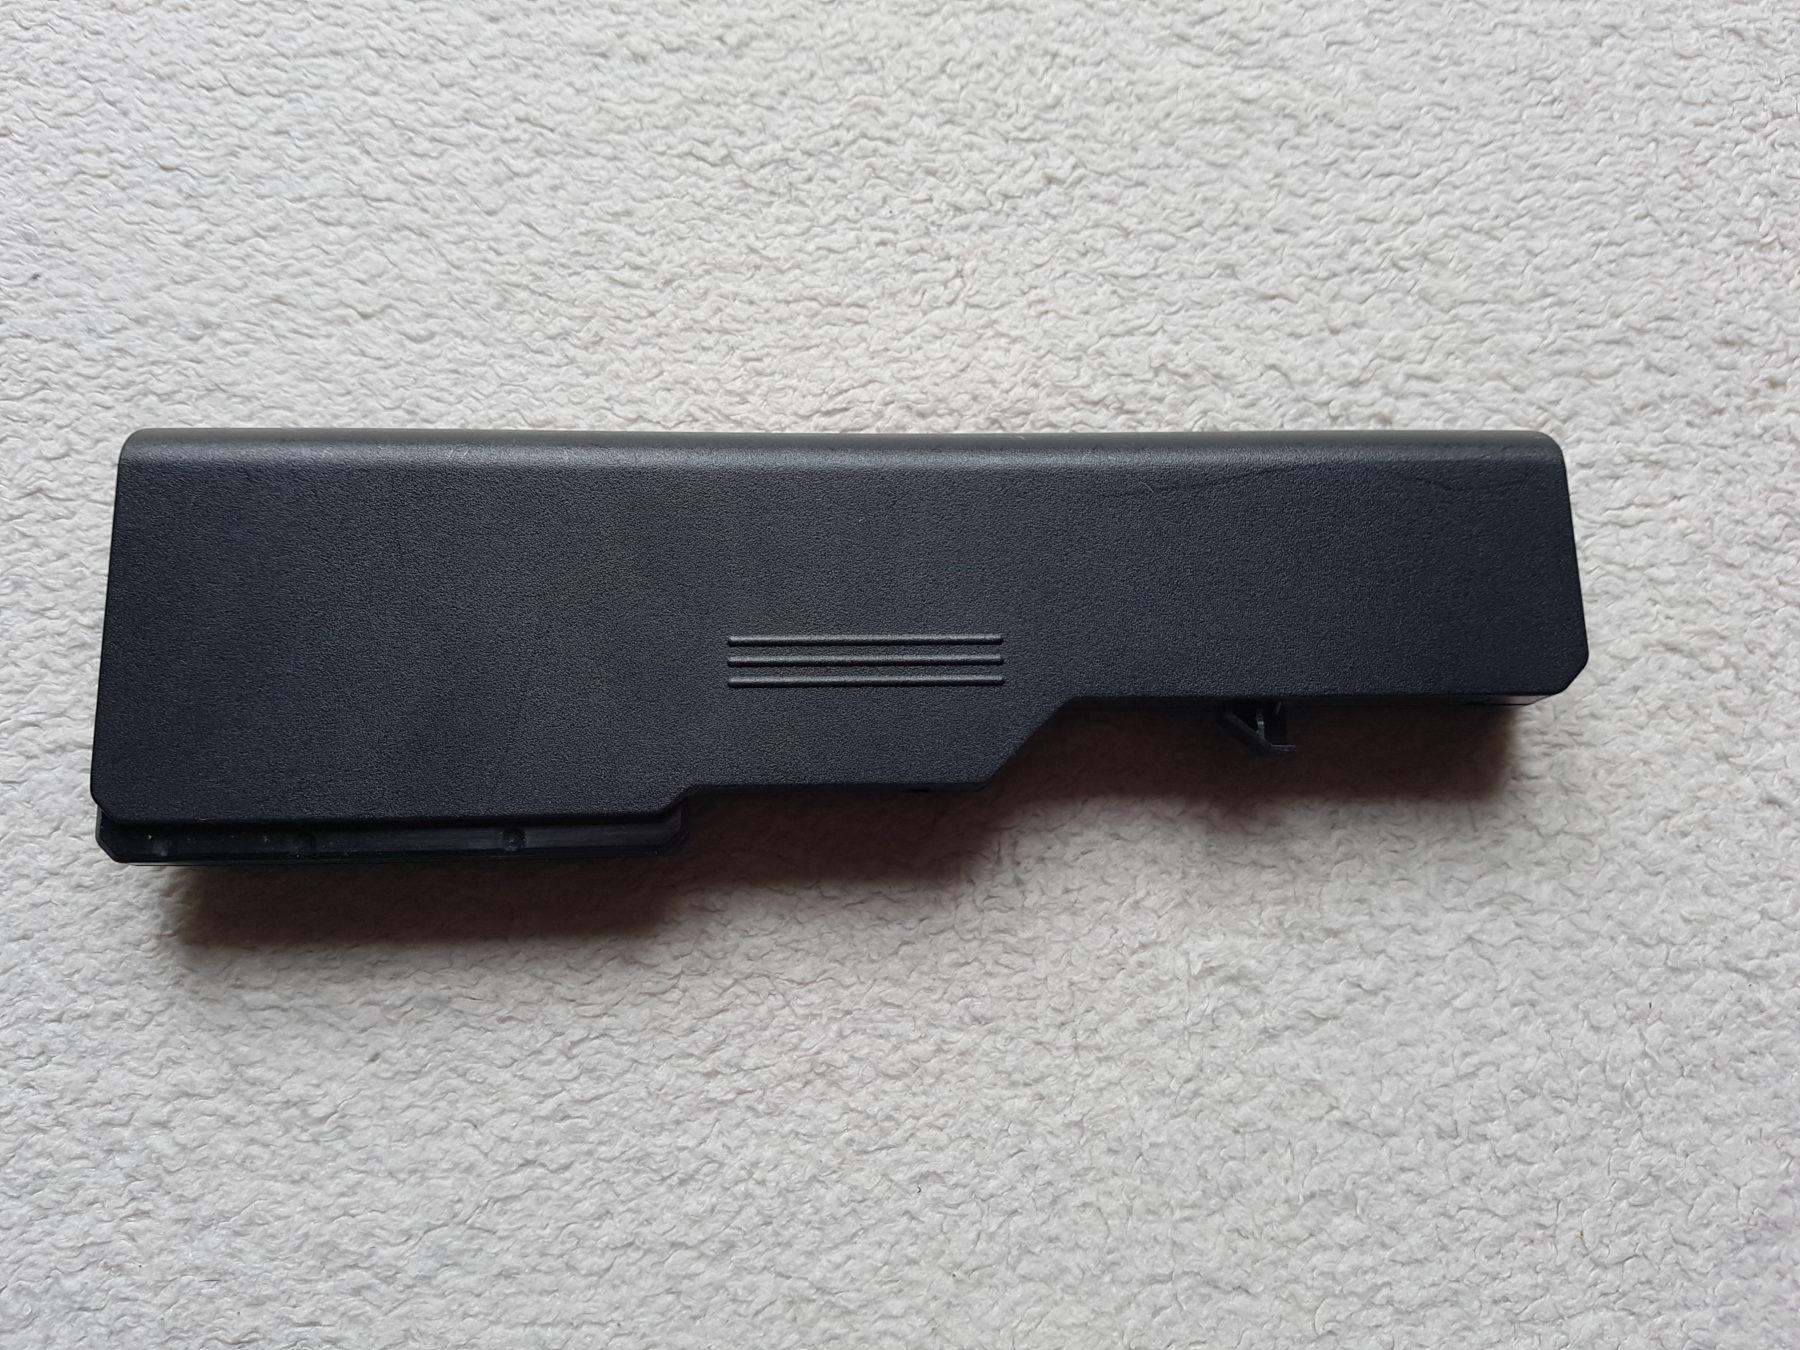 Lenovo G560 Battery